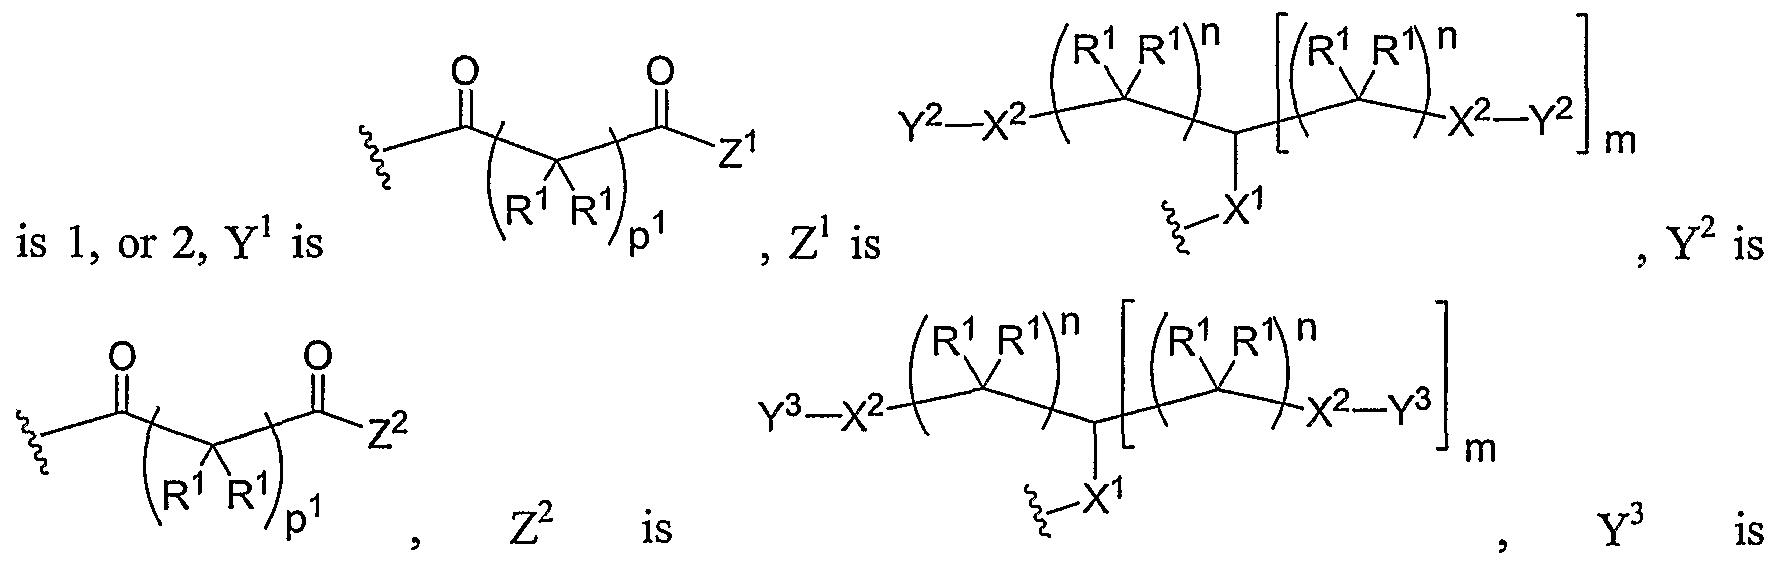 Figure imgf000175_0005